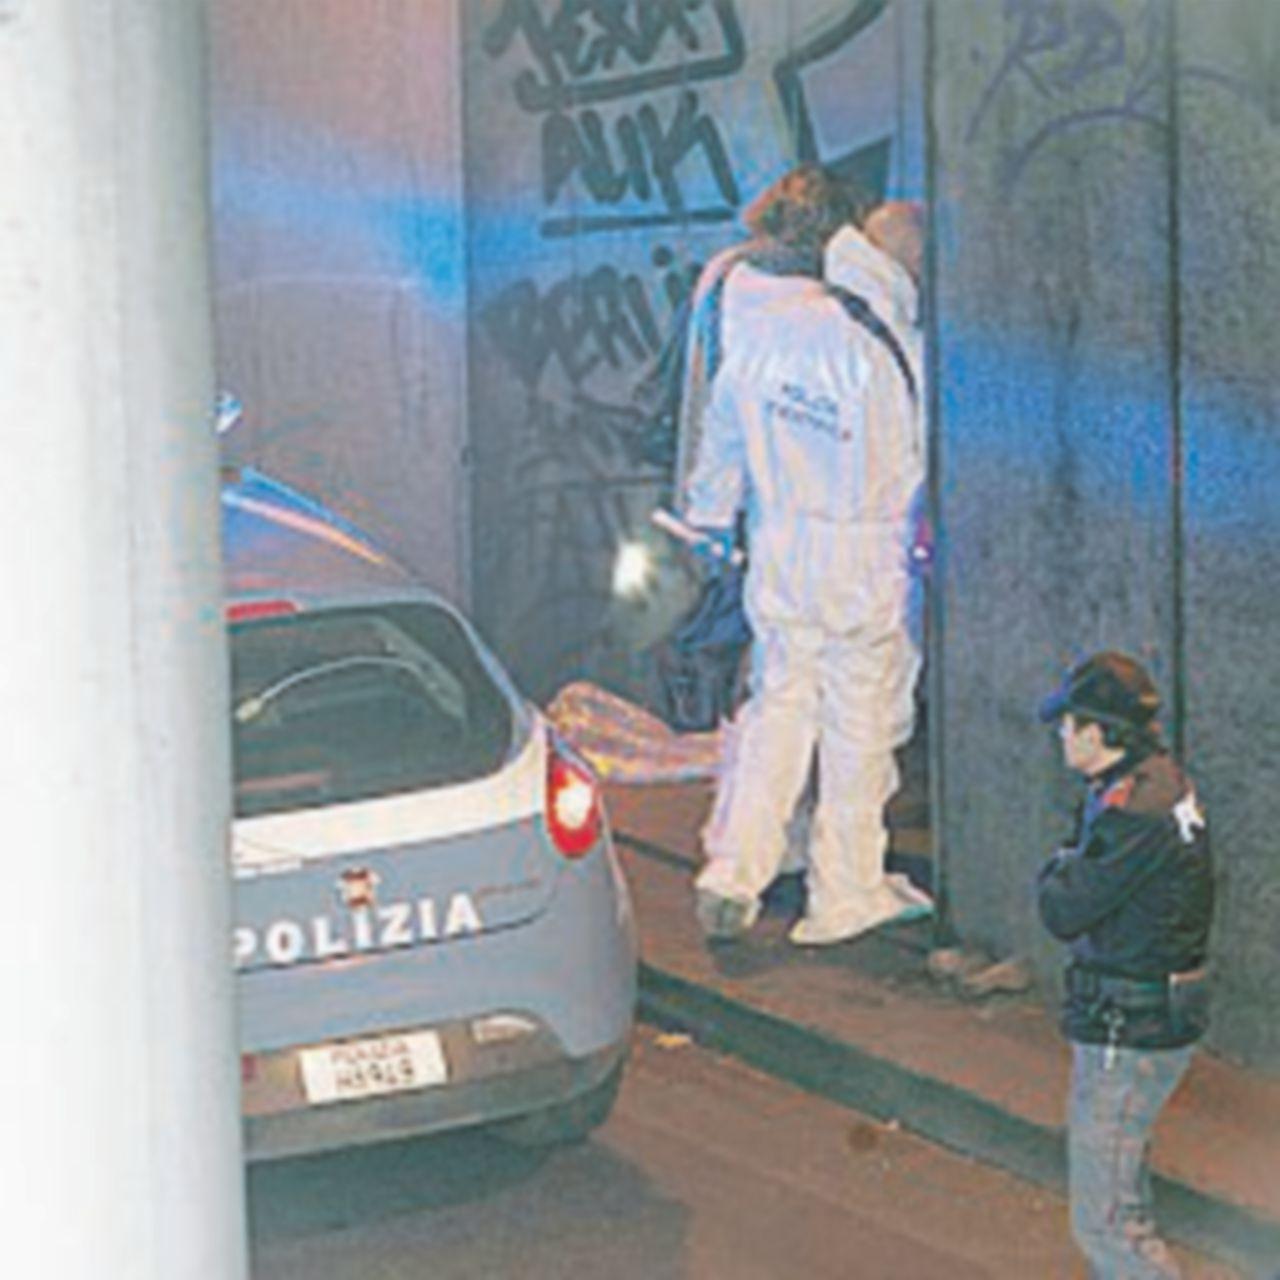 Roma, delitto a Porta Pia: terzo omicidio in cinque giorni